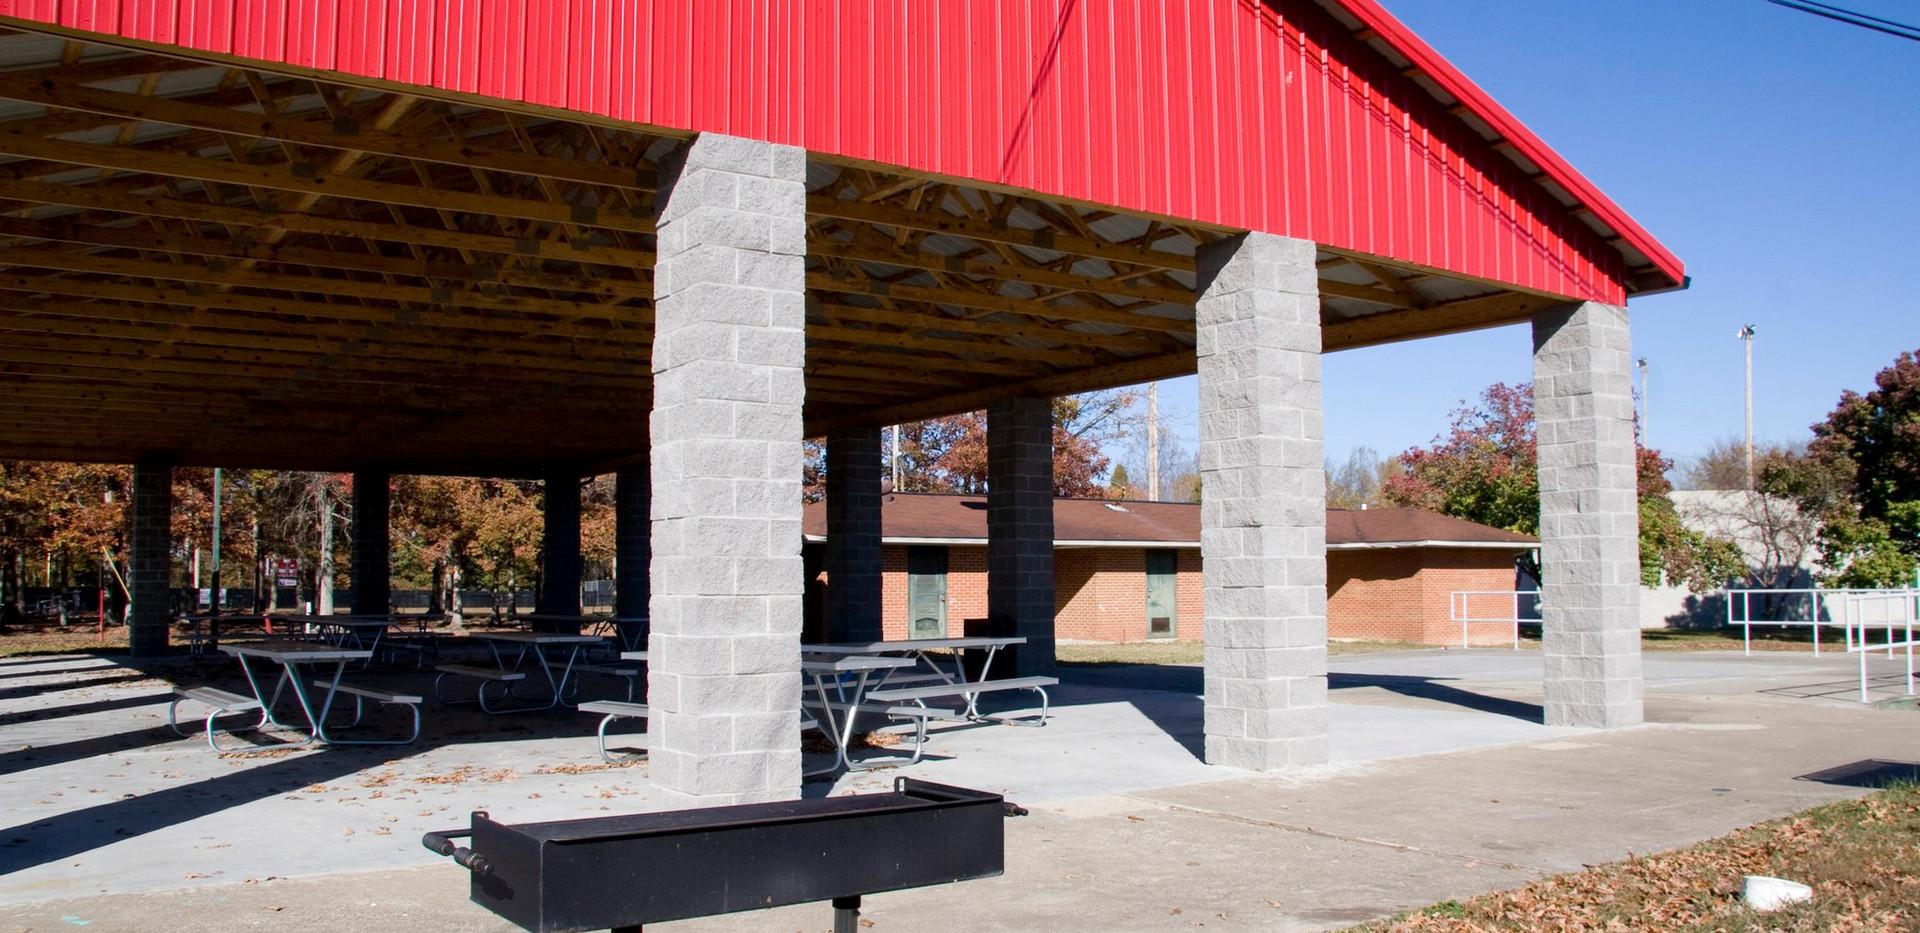 The Splash Park Pavilion